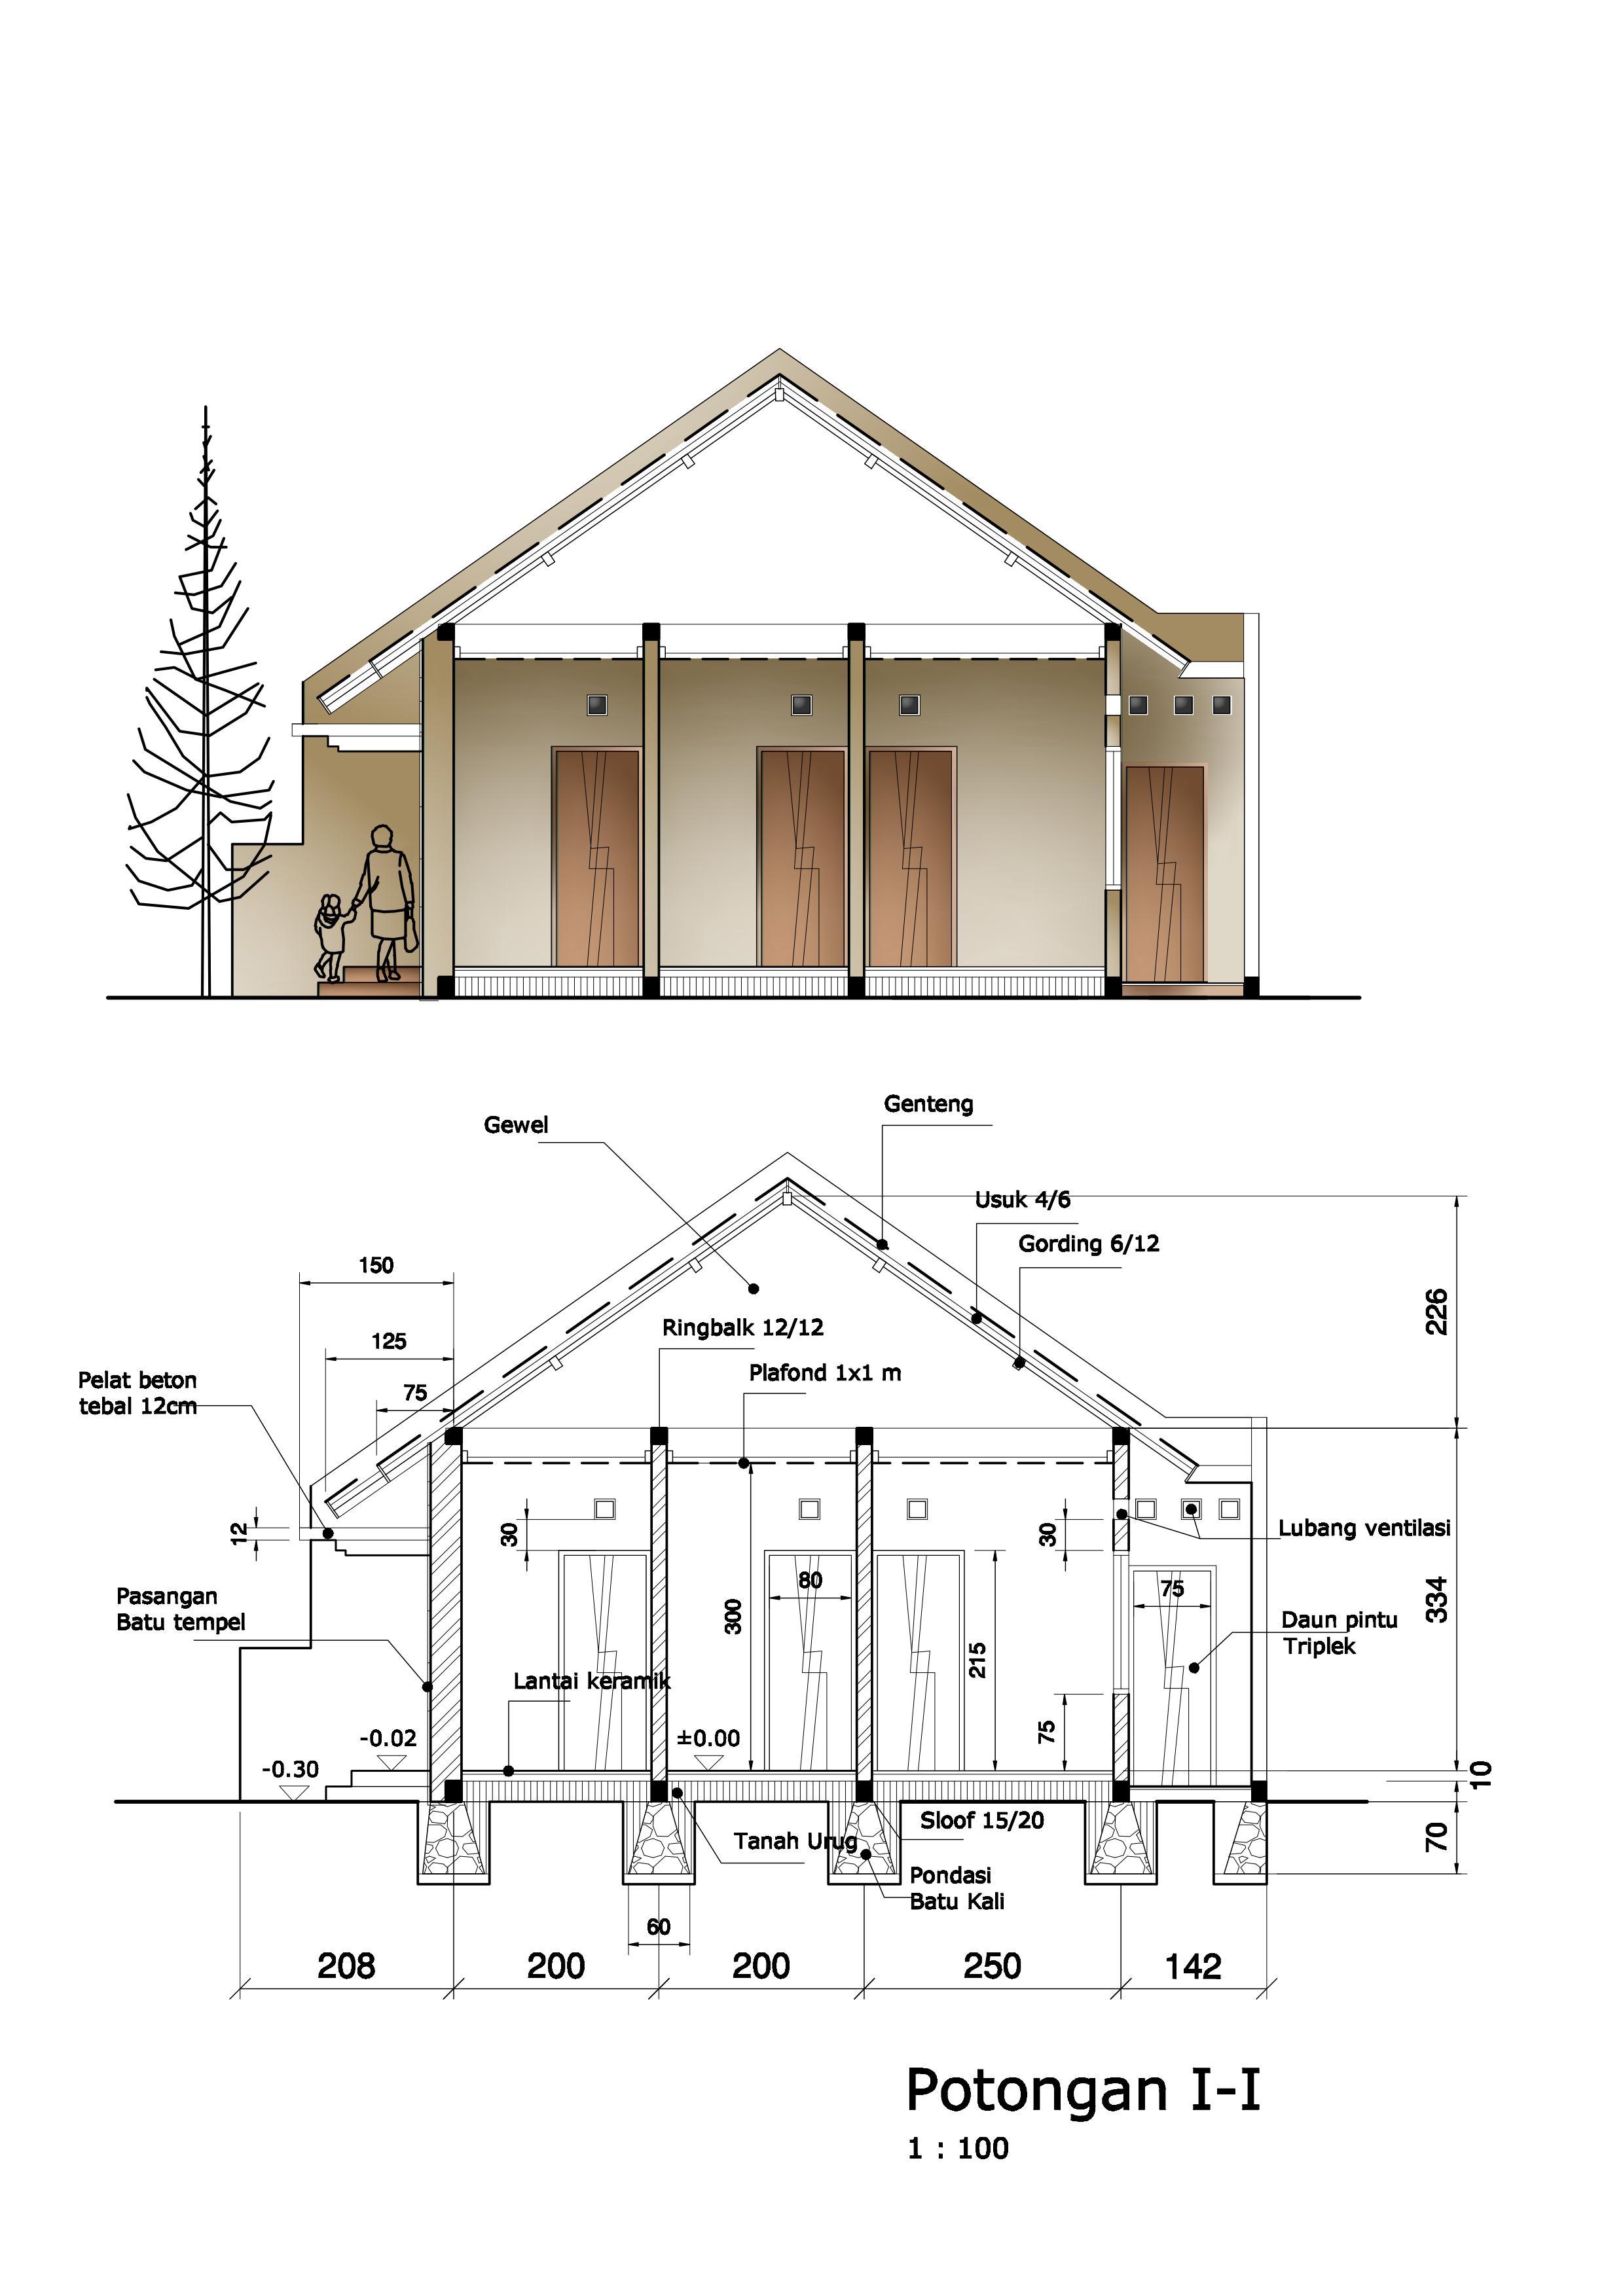 arti sebuah gambar potongan bangunan gambar potongan rumah